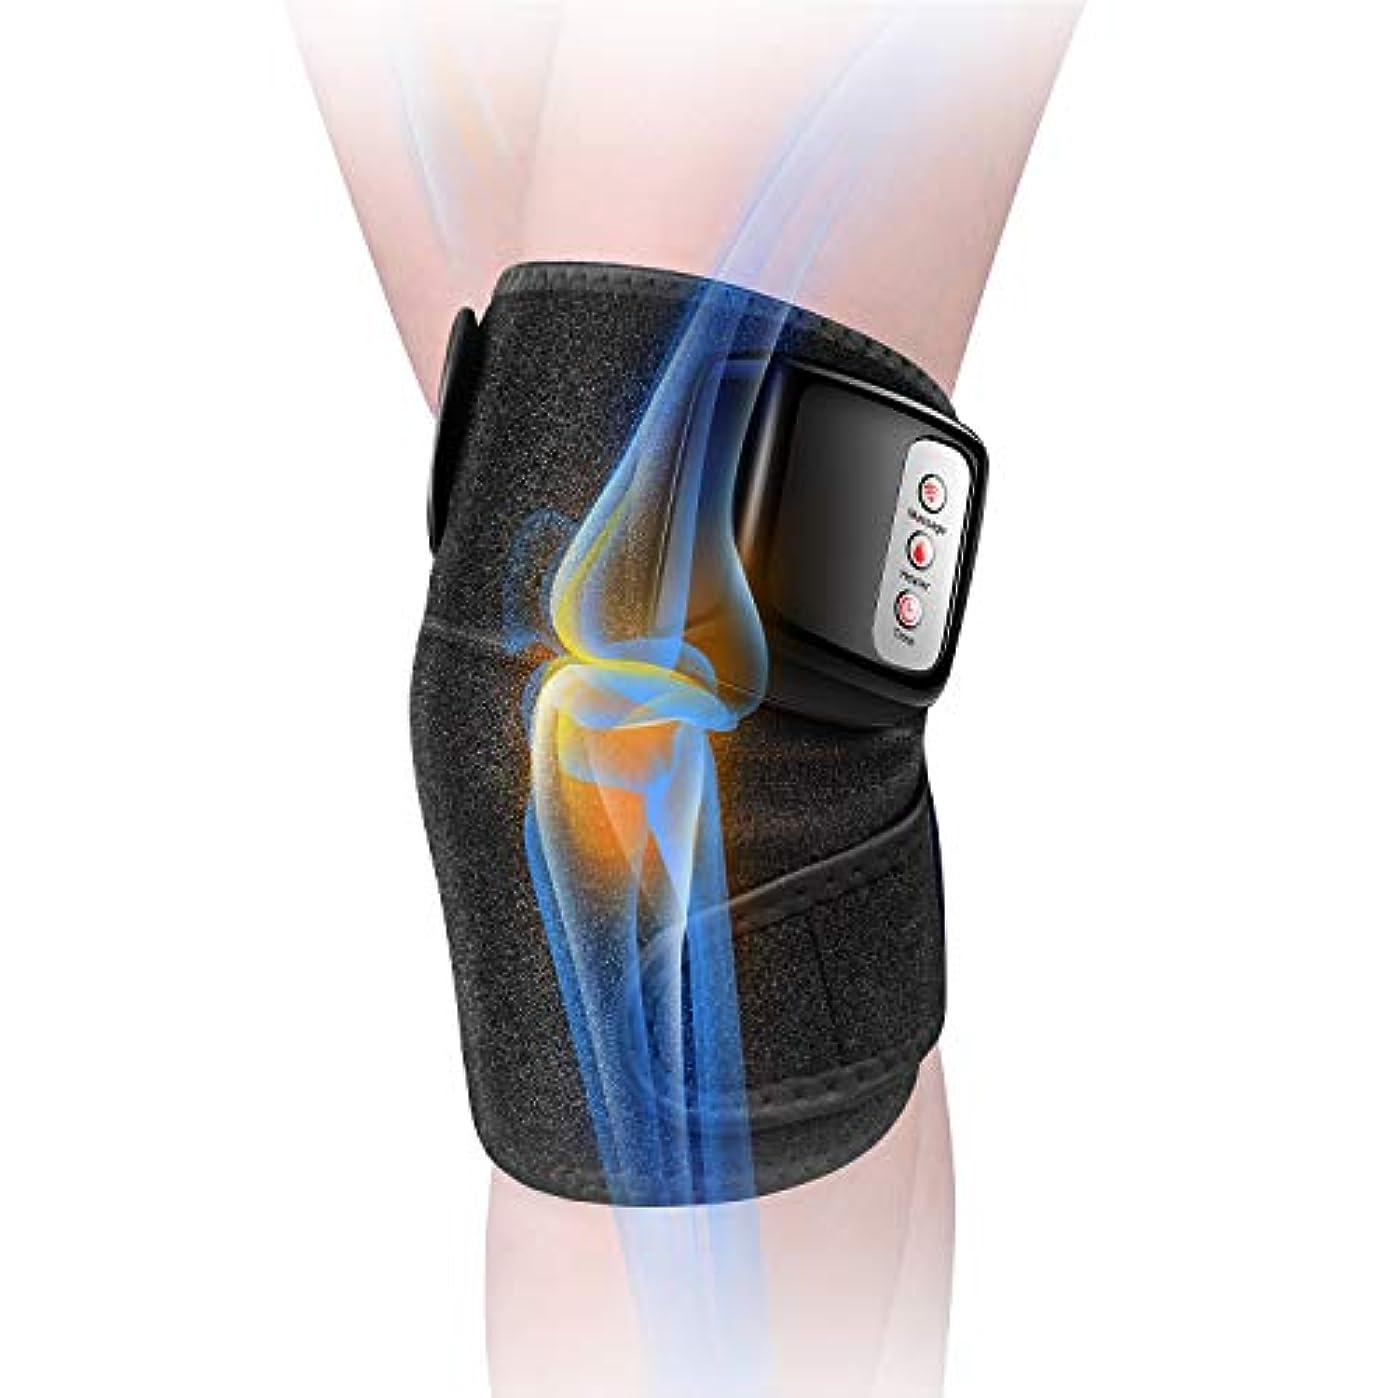 国内の完全に条約膝マッサージャー 関節マッサージャー マッサージ器 フットマッサージャー 振動 赤外線療法 温熱療法 膝サポーター ストレス解消 肩 太もも/腕対応